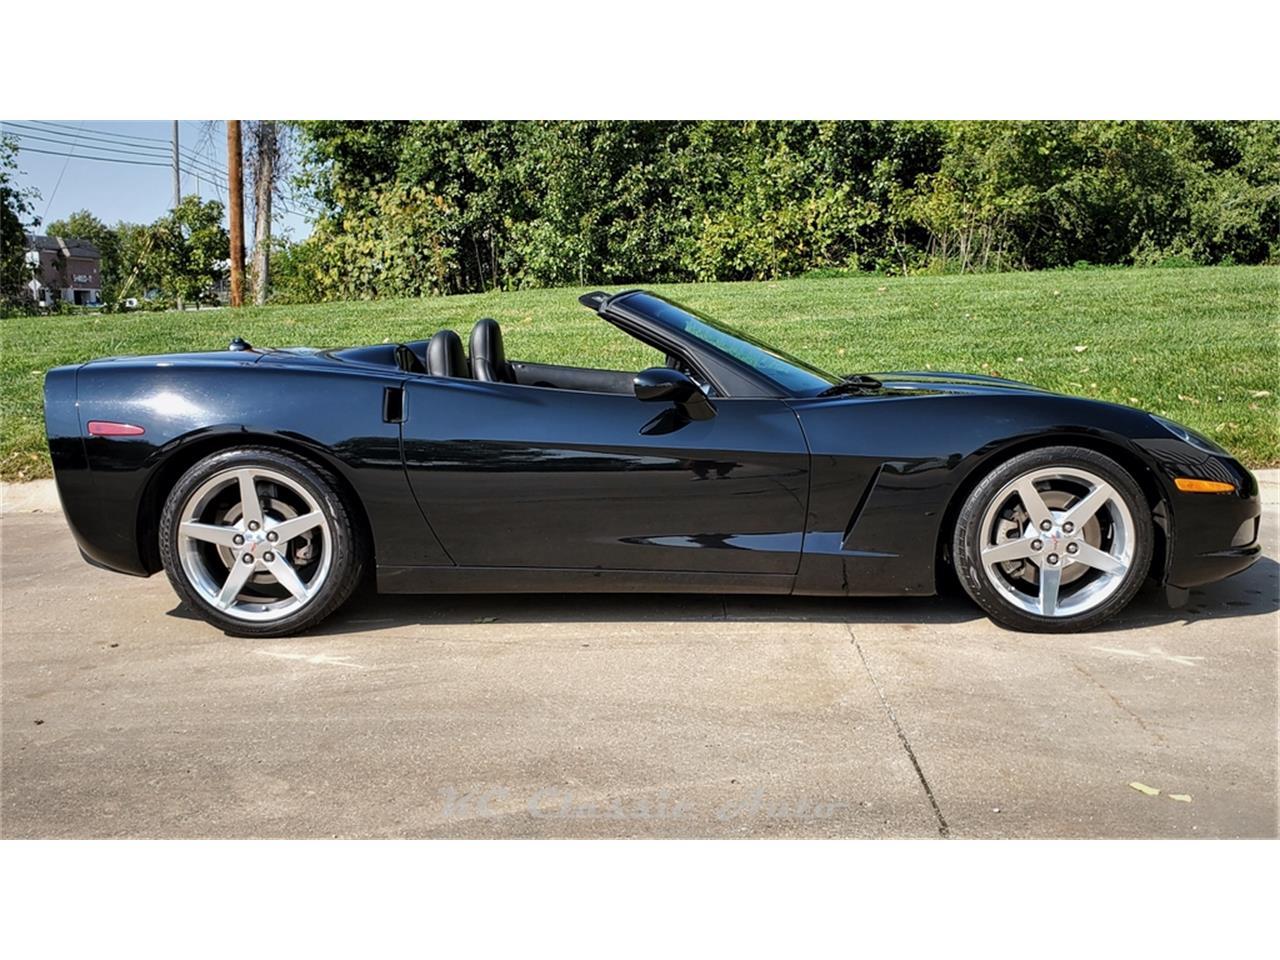 2005 Chevrolet Corvette (CC-1411020) for sale in Lenexa, Kansas